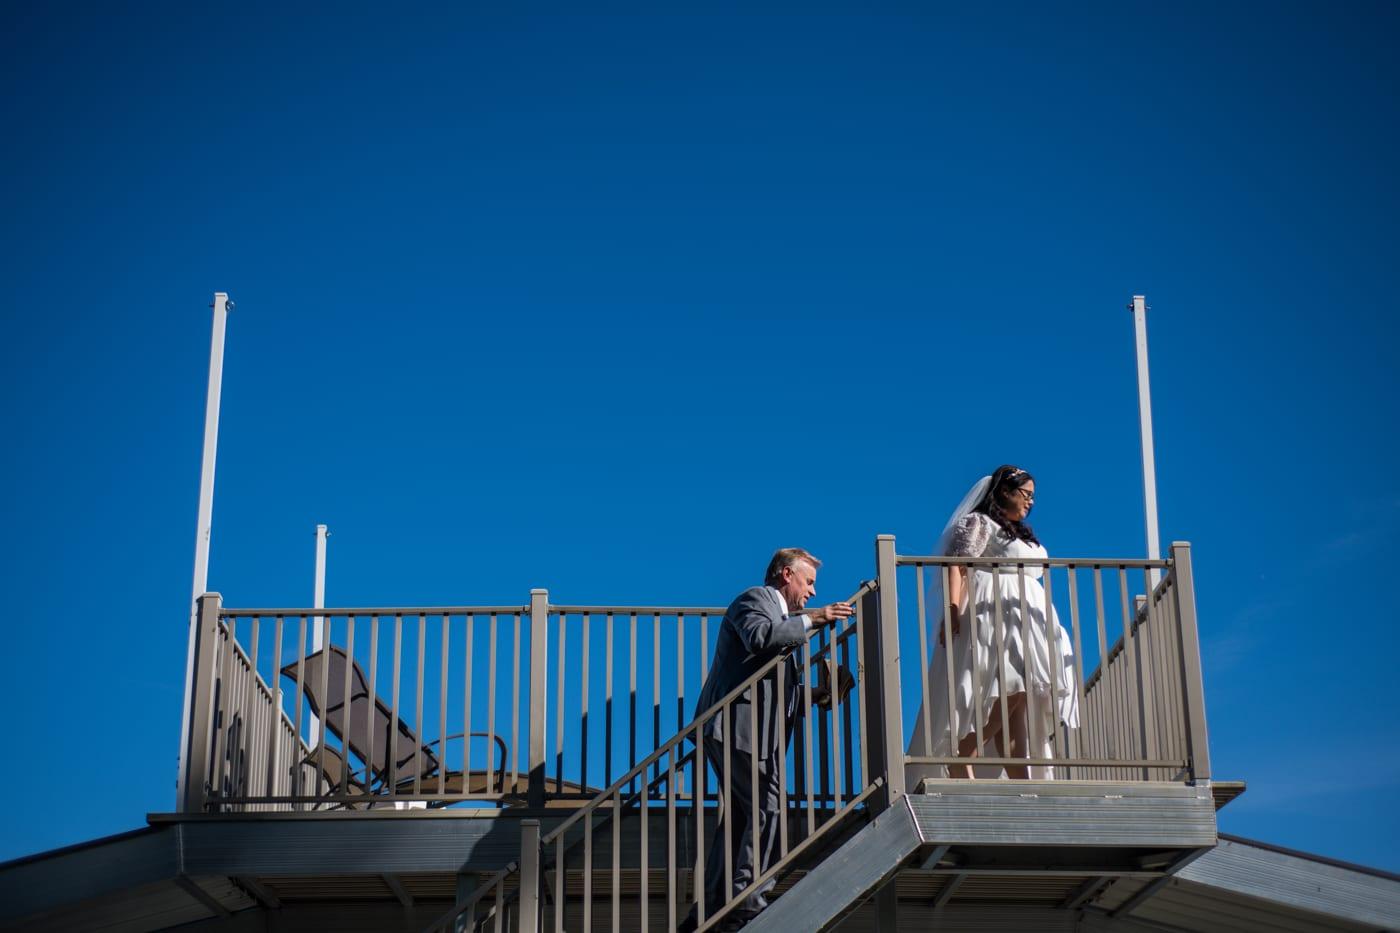 groom follows bride up to deck at boat marina